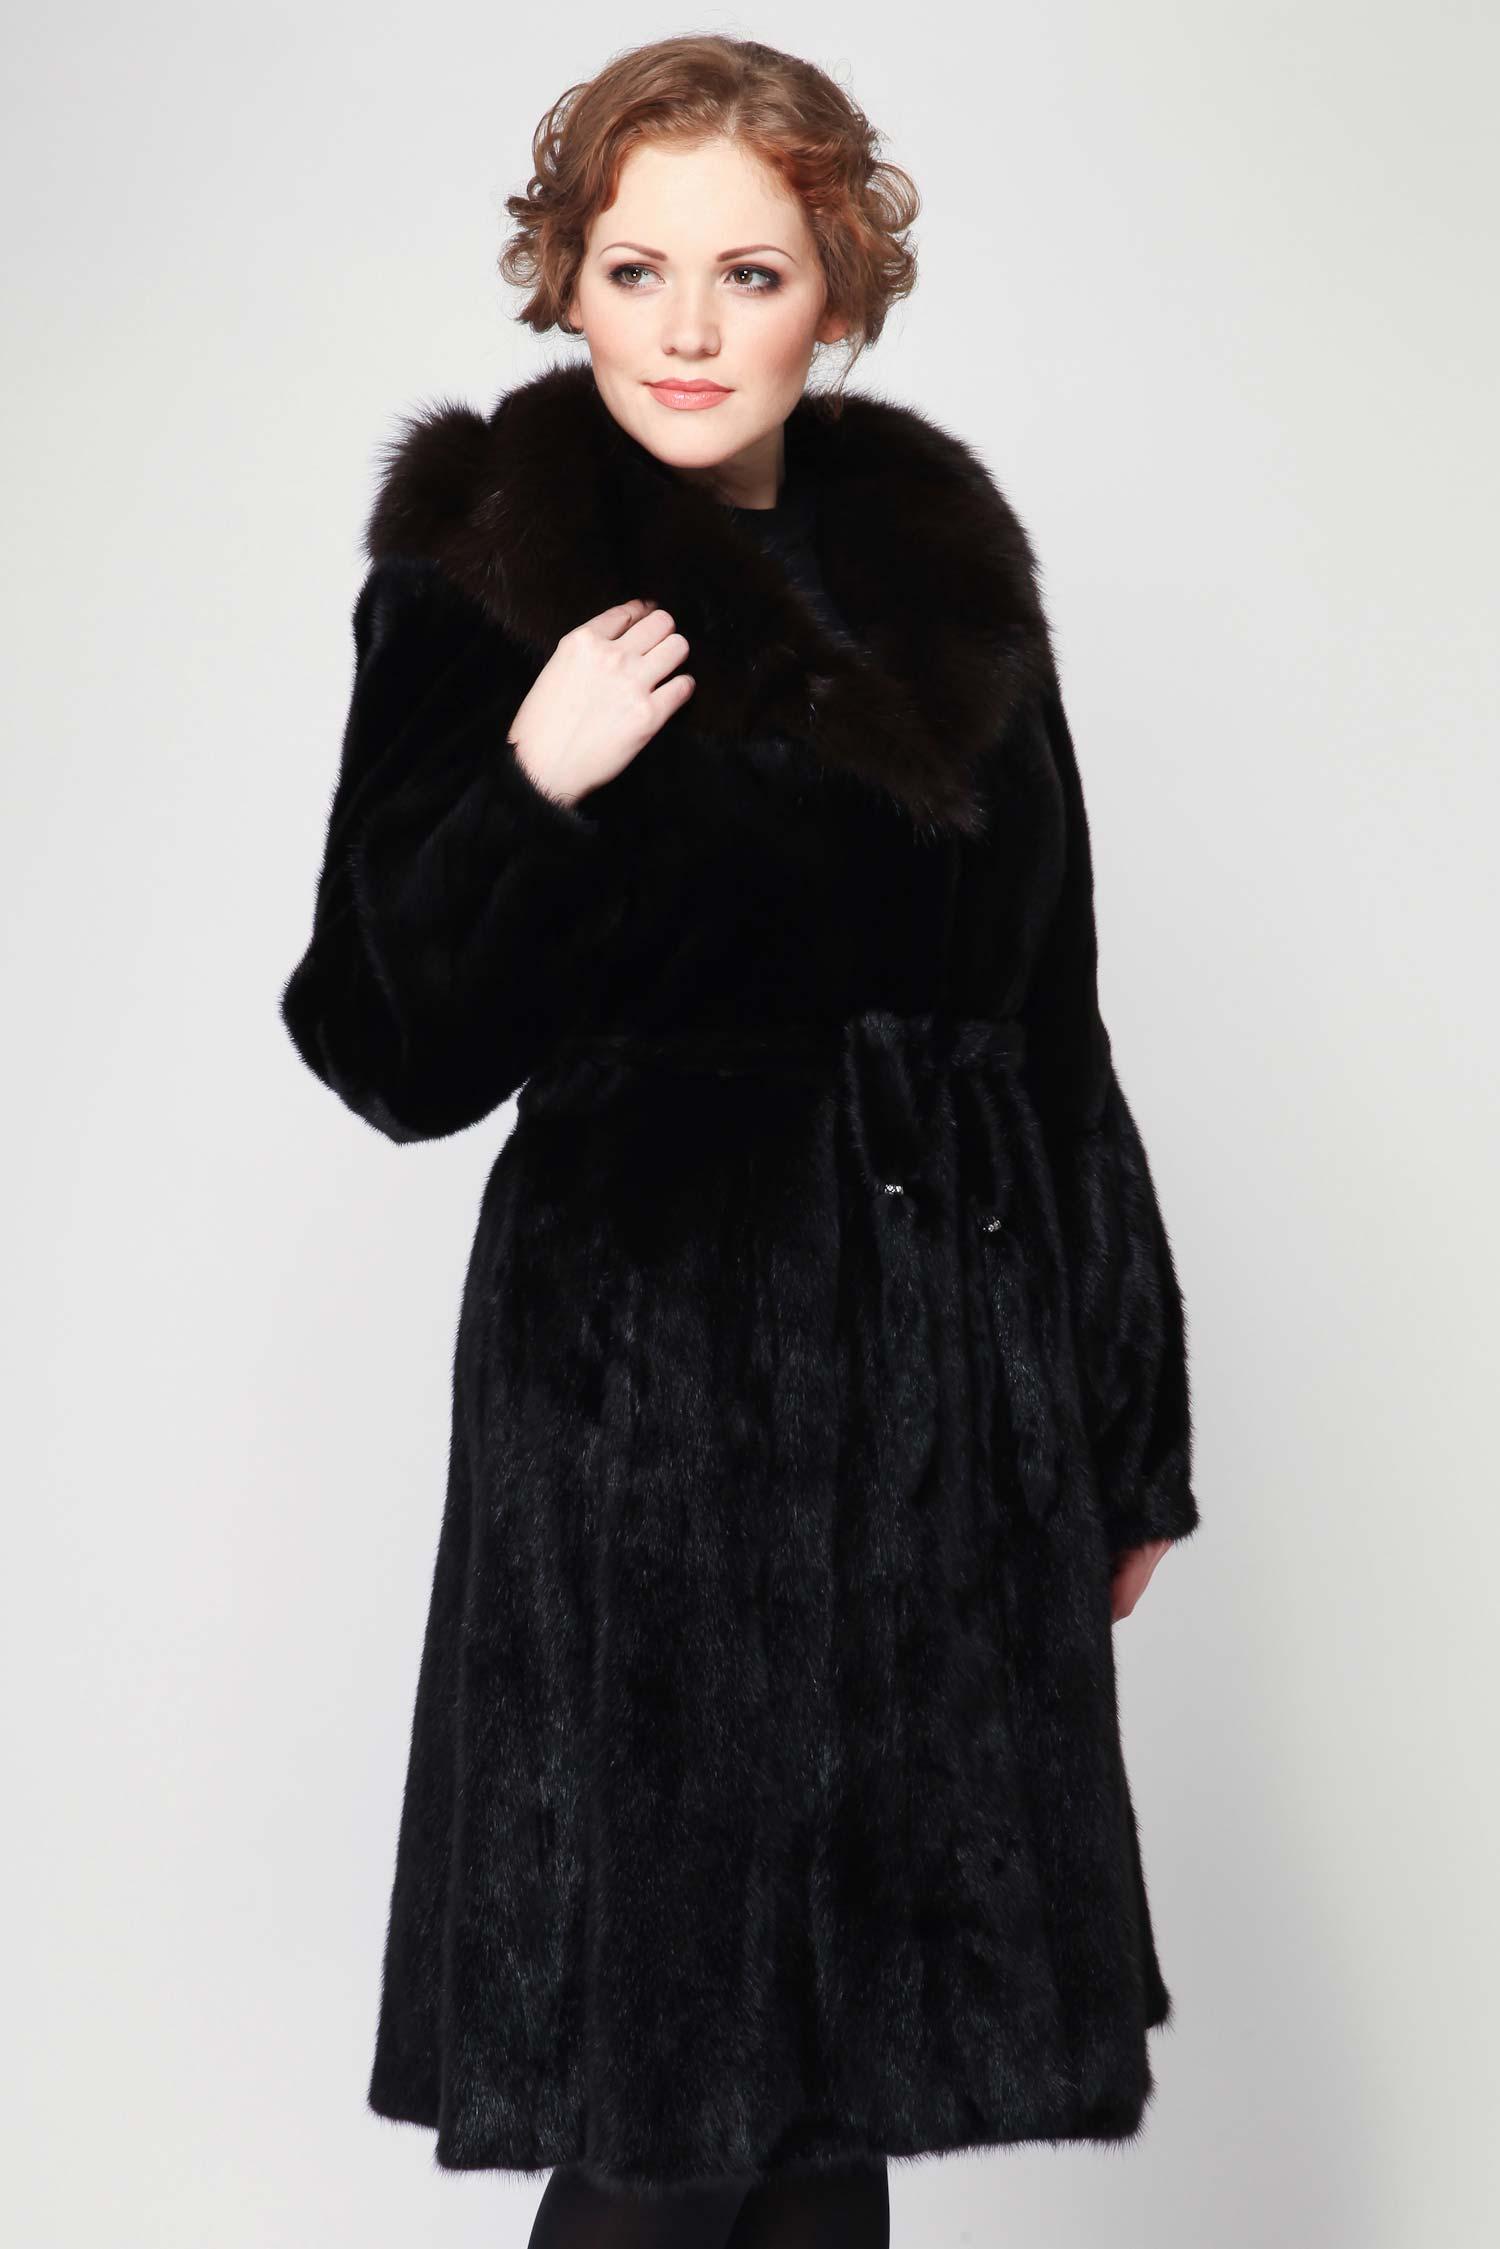 Шуба из норки с капюшоном, отделка собольВосхитительное пальто черного цвета Black из меха норки, выполненно в элегантном женственном исполнении. Модель дополнена изысканным капюшоном, который отделан роскошным мехом соболя. Пальто оформлено изящным поясом и очень гармоничной пуговицой. Шикарная модель!<br><br>Воротник: Капюшон<br>Длина см: 110<br>Цвет: Черный<br>Вид застежки: Соболь<br>Пол: Женский